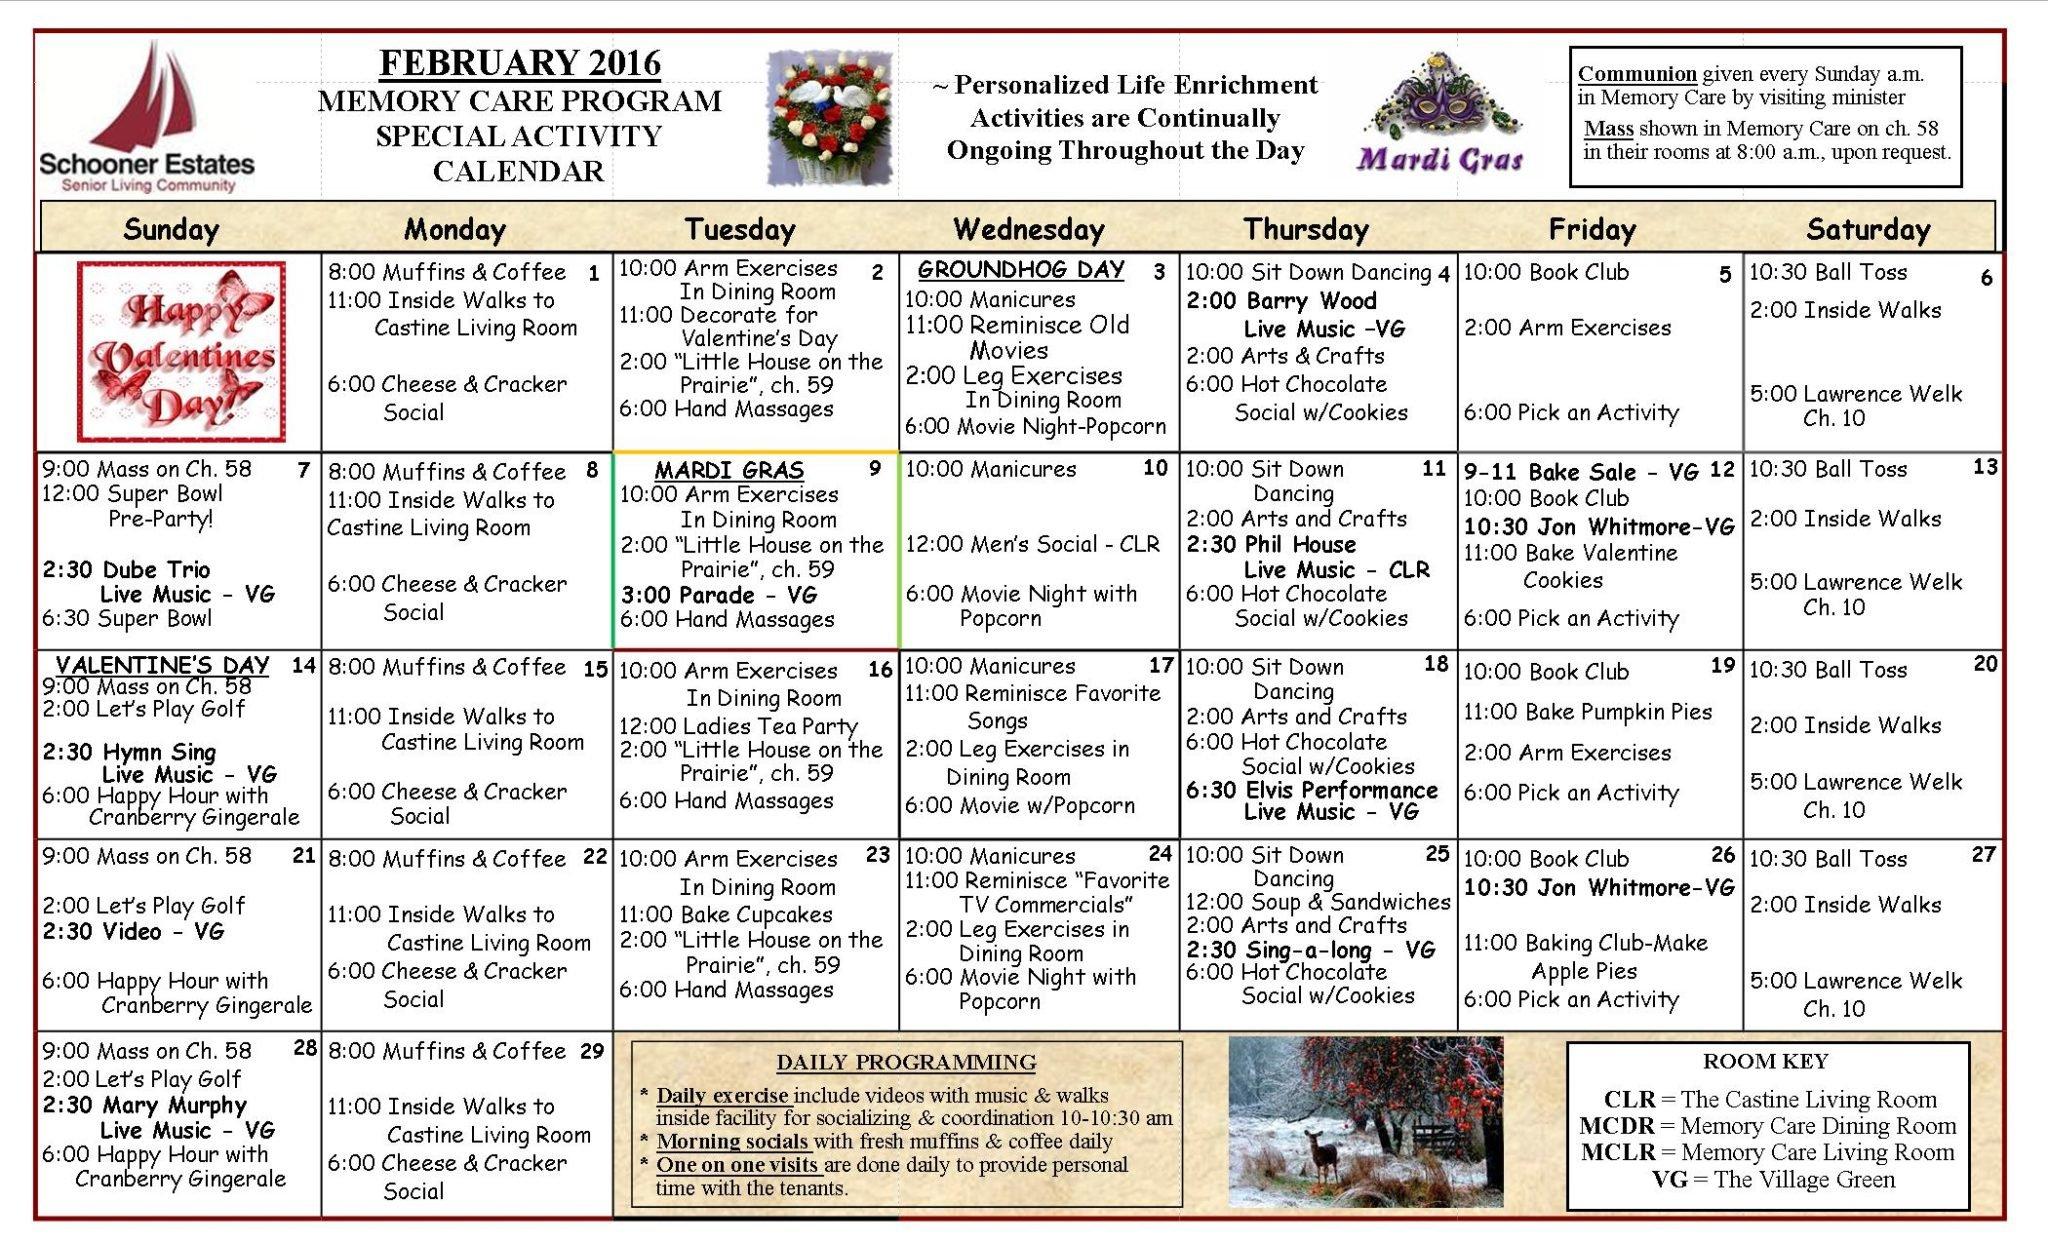 February 2016 Memory Care Activity Calendar